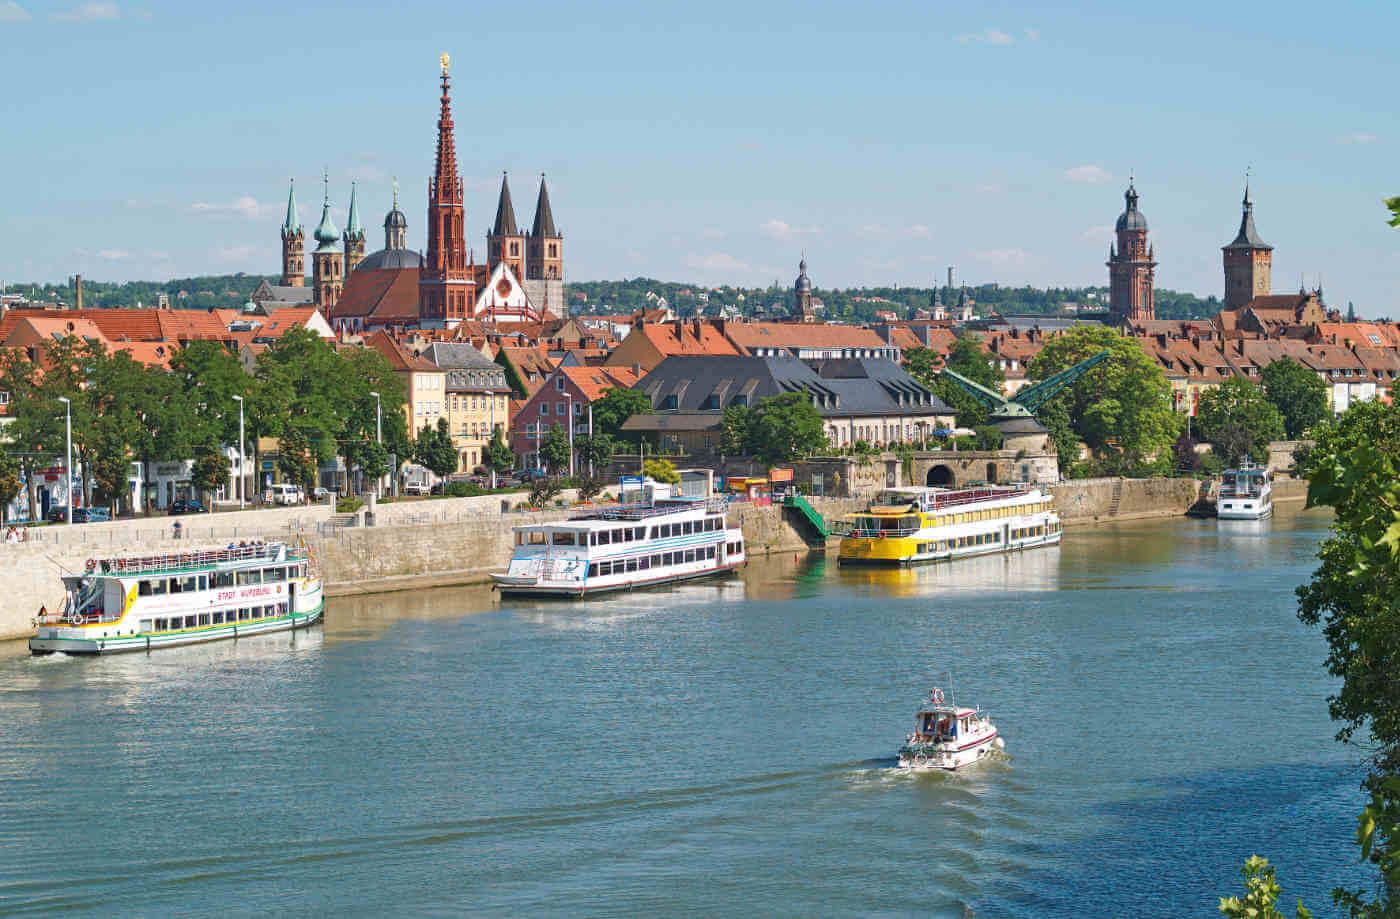 Blick auf Würzburg mit Schifffahrt - Von Würzburg nach Trier auf der komfortablen MS Elegant Lady